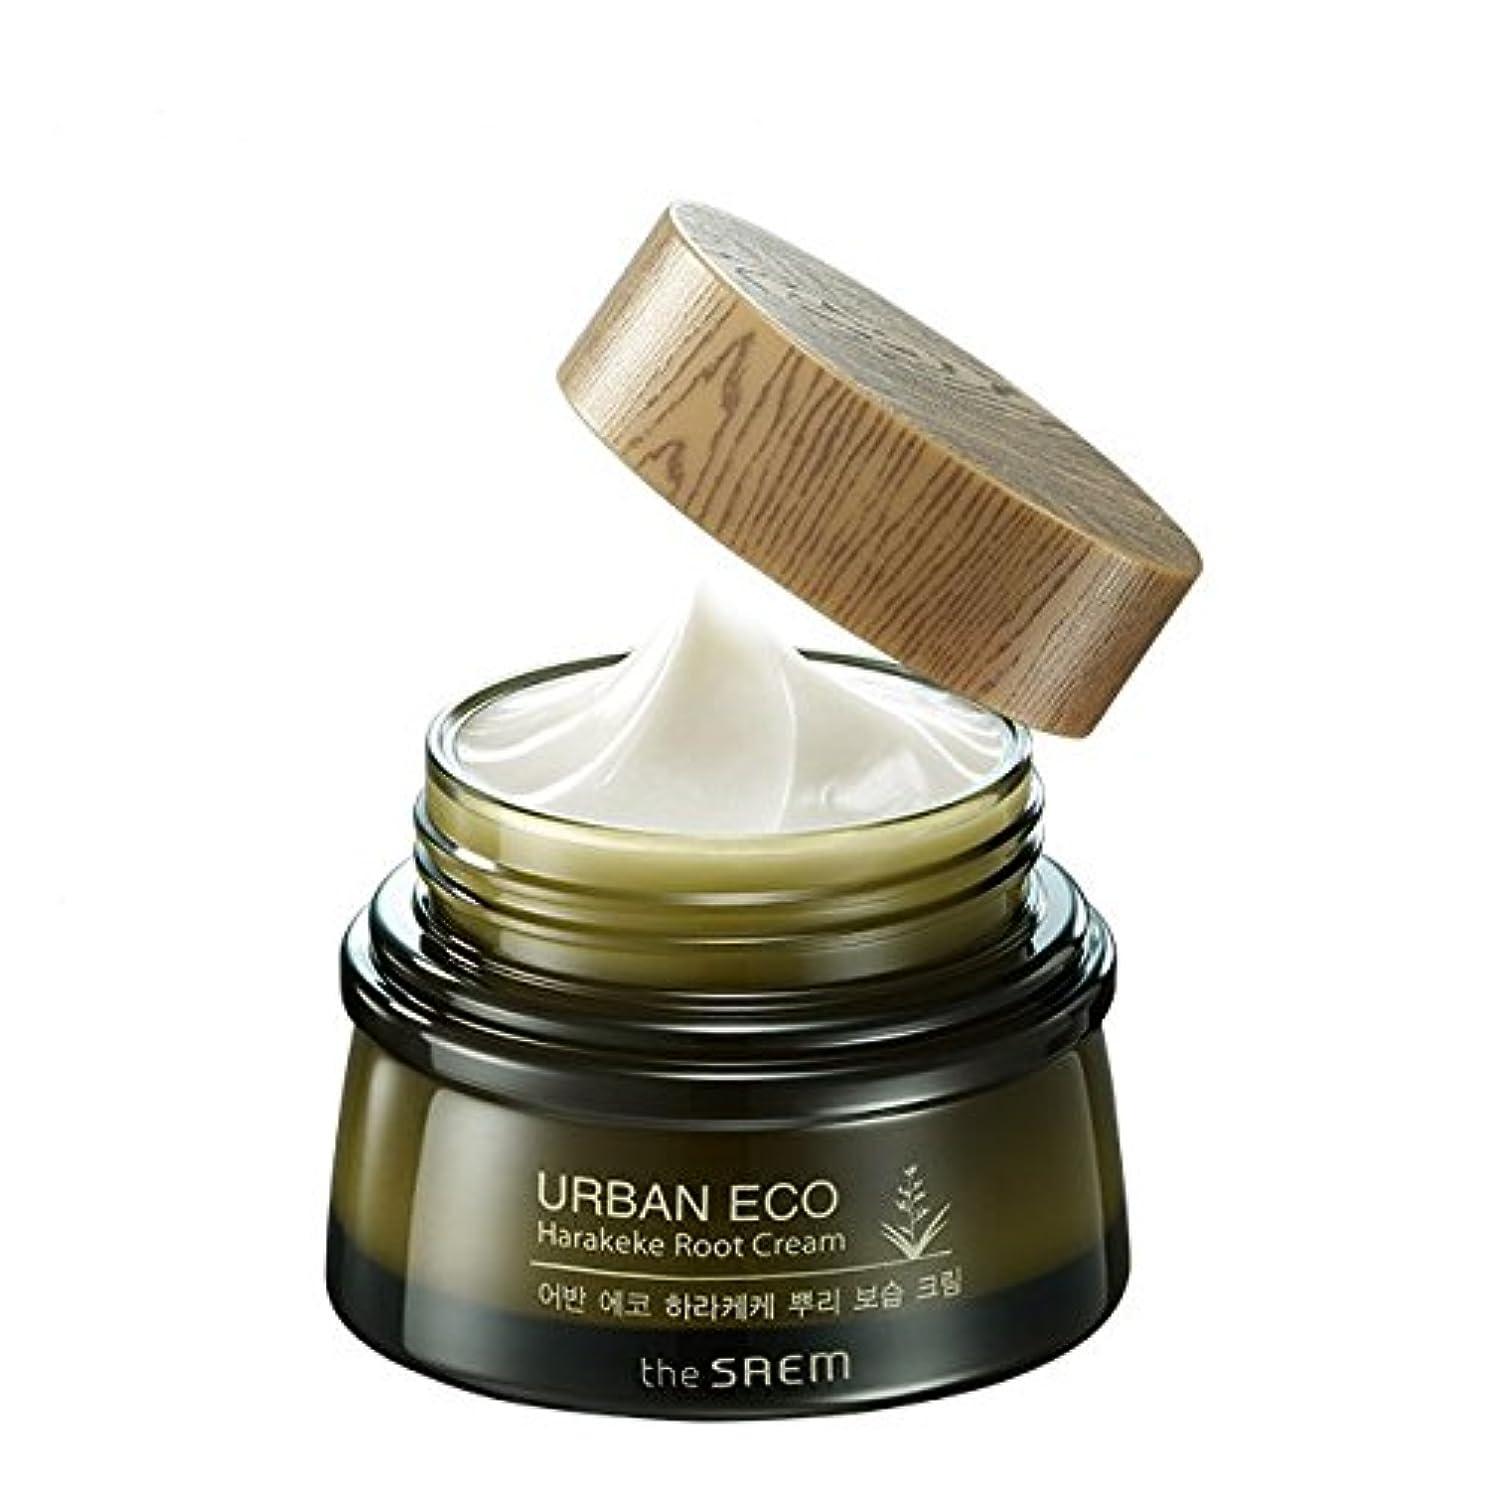 きゅうり冗長しばしば[ザセム] The Saem [アーバンエコ ハラケケ 根保湿クリーム60ml (The Saem Urban Eco Harakeke Root Cream60ml)